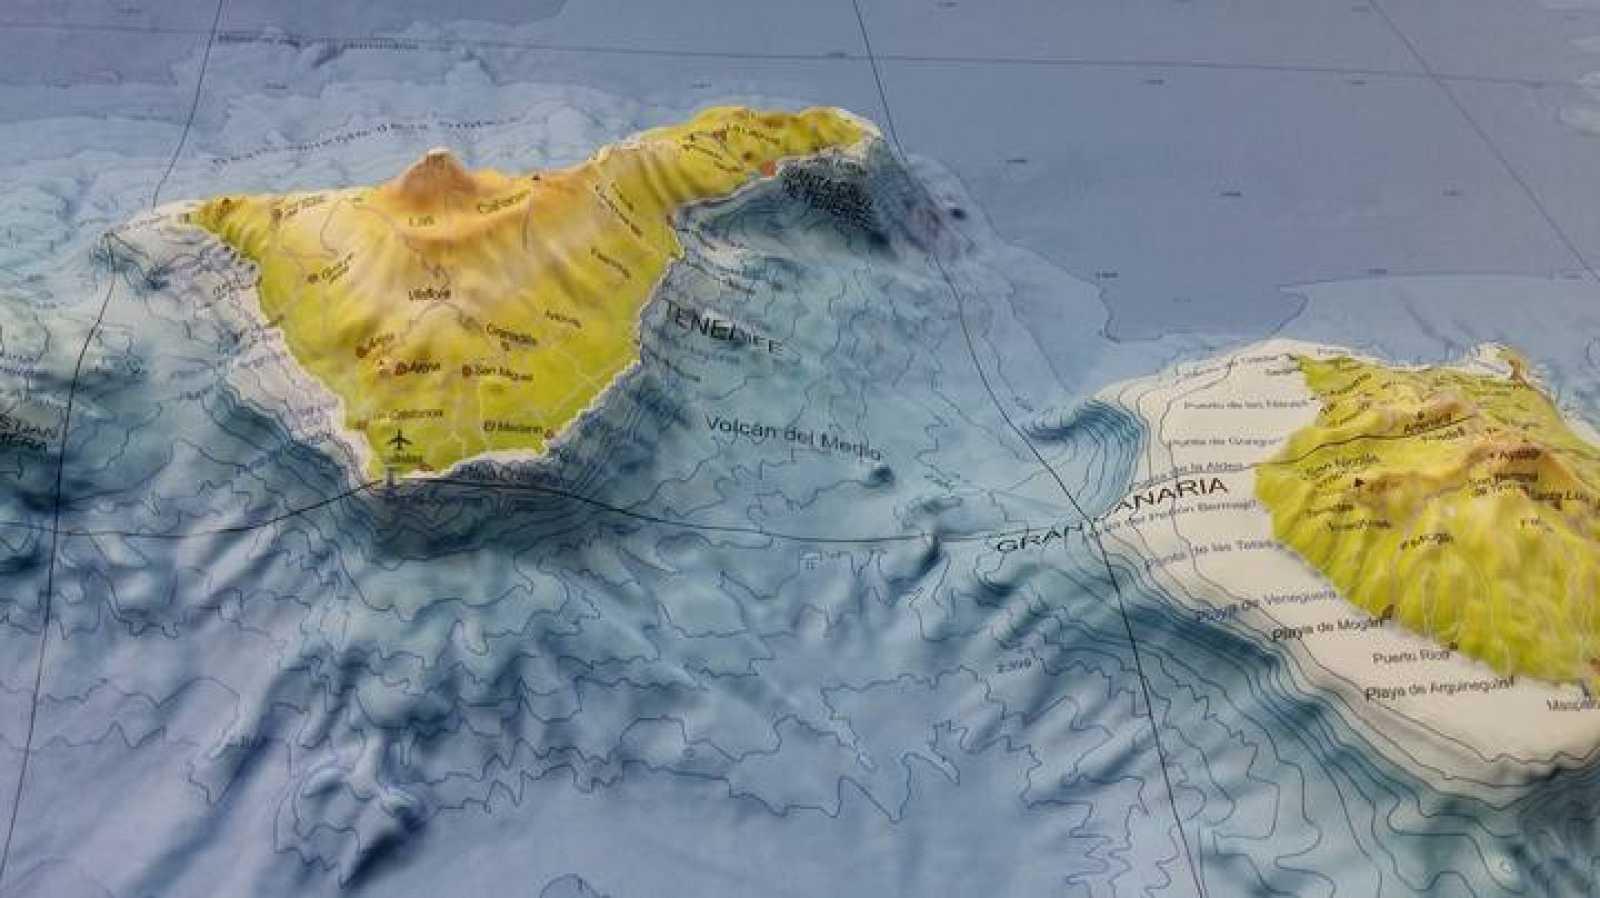 El volcán del Medio se encuentra entre Tenerife y Gran Canaria.